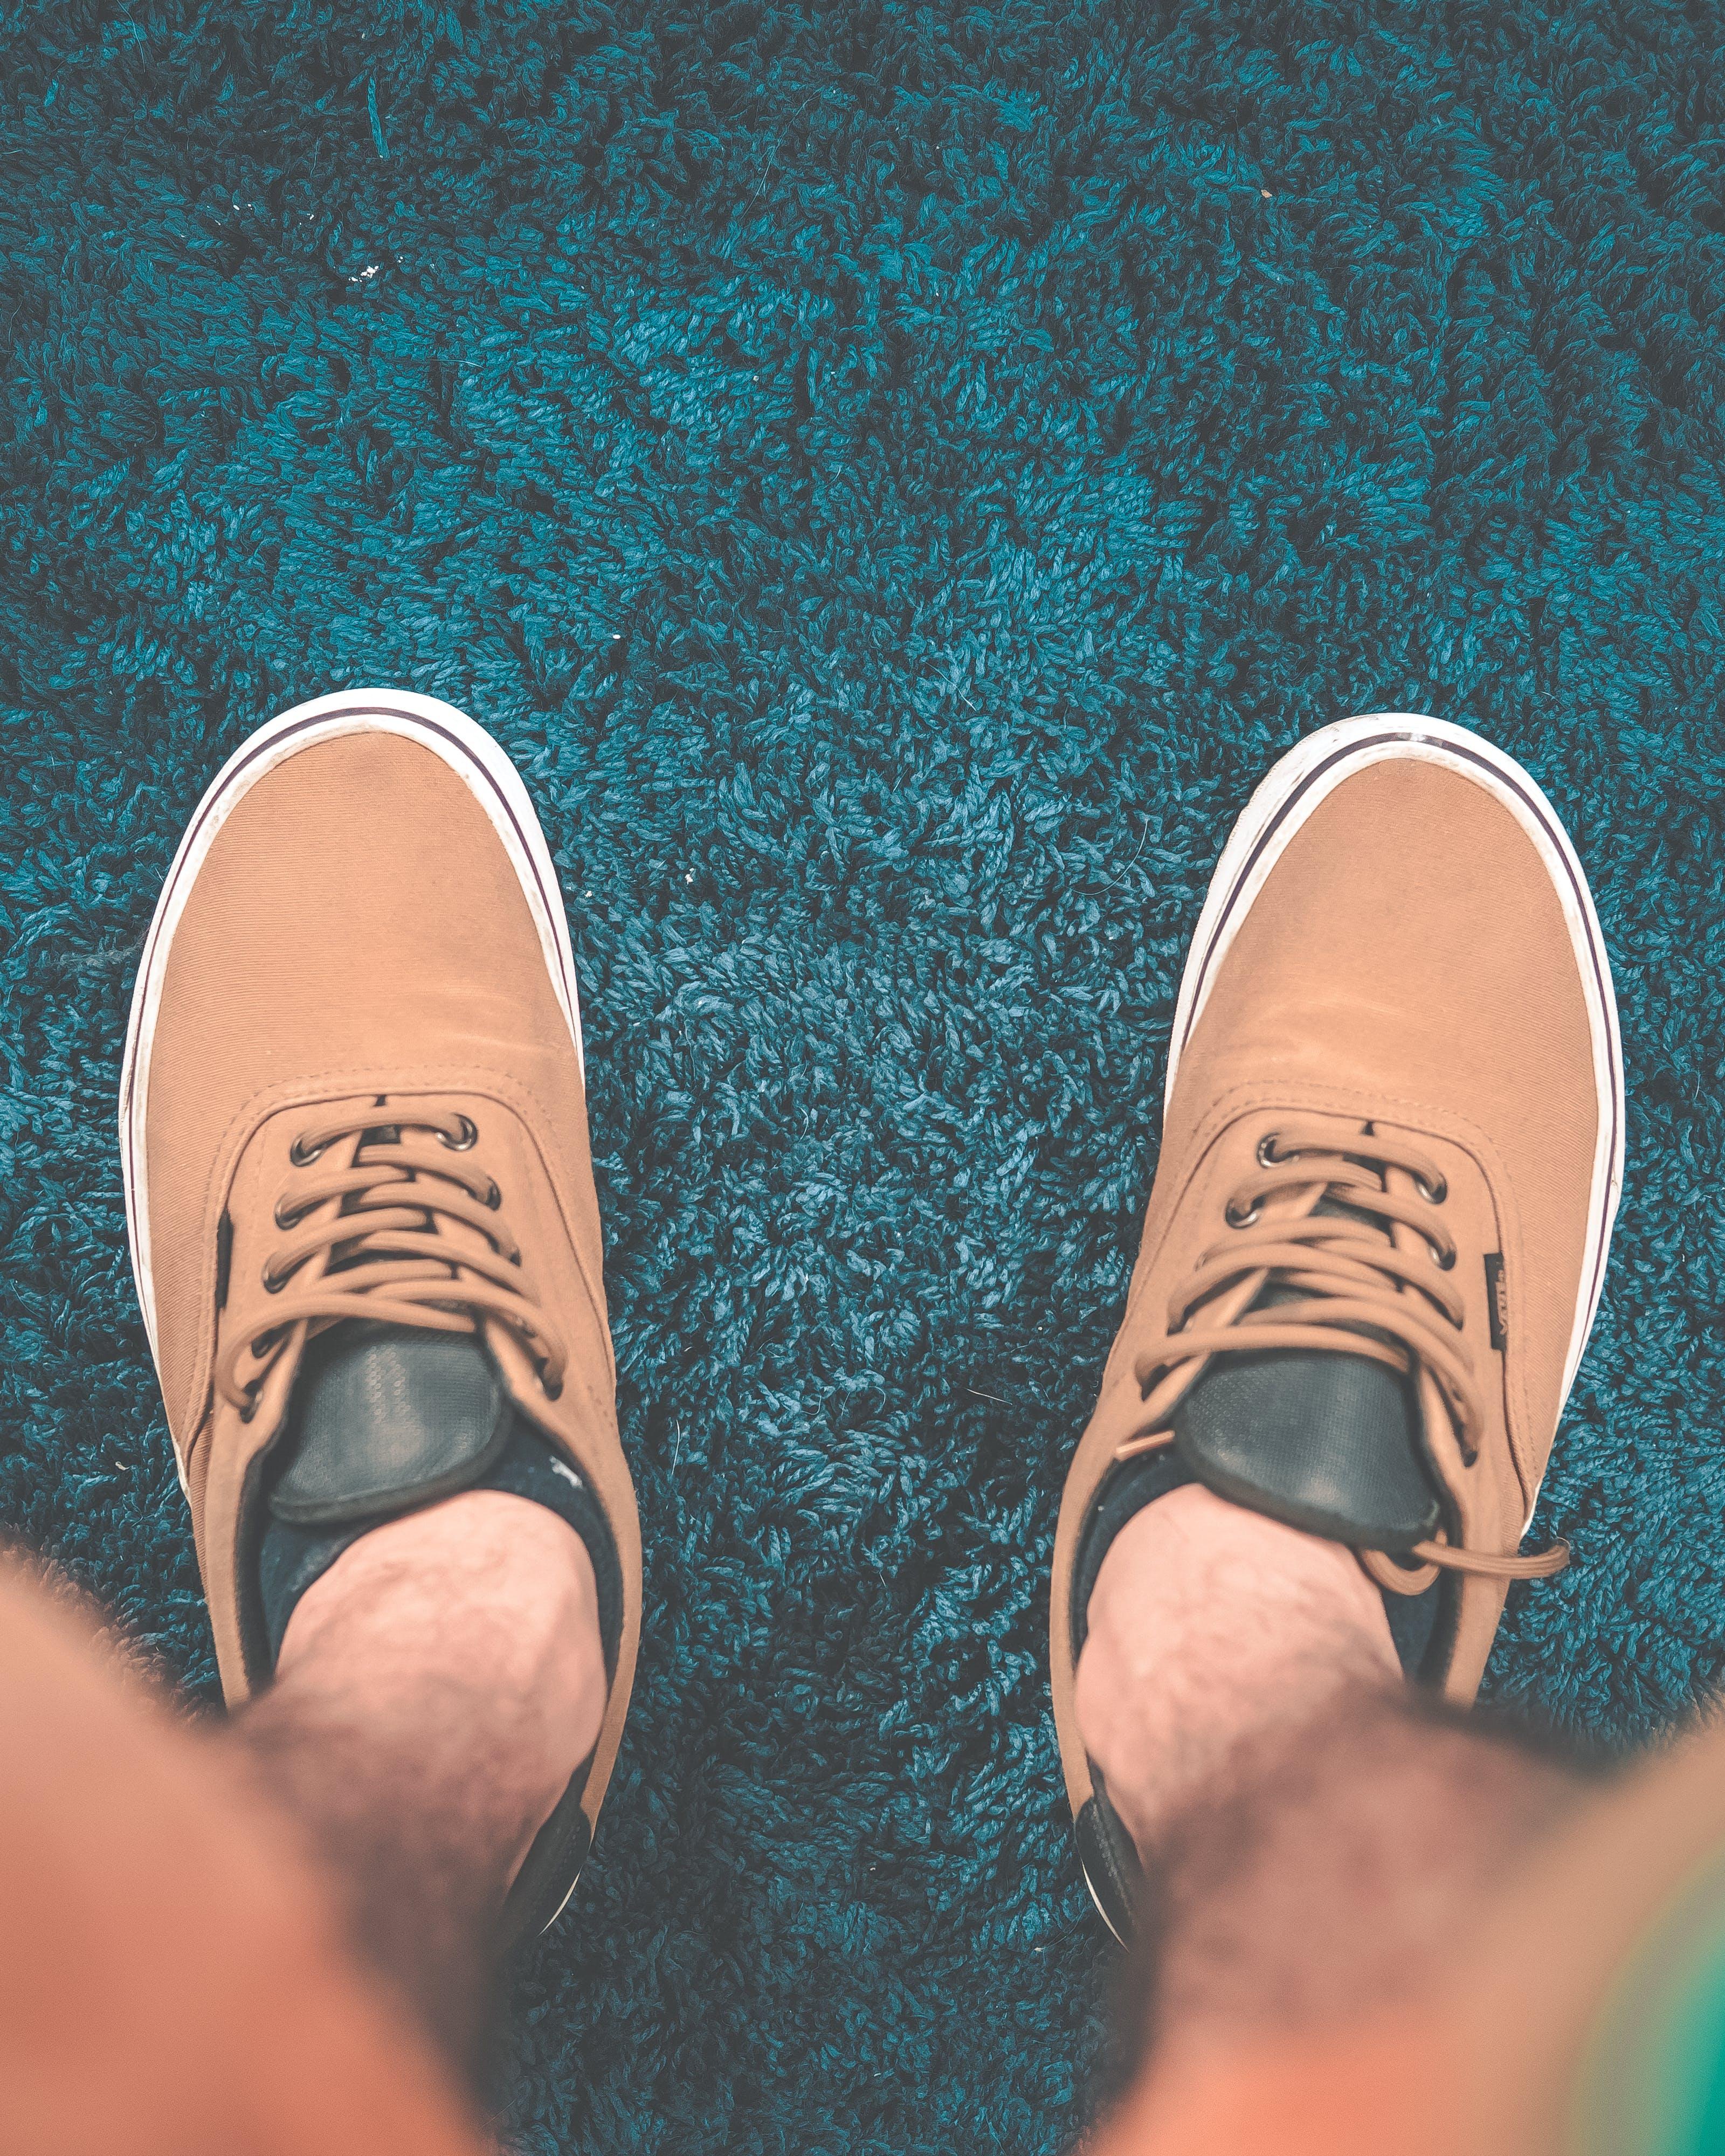 Gratis stockfoto met schoeisel, schoenen, slijtage, sneakers